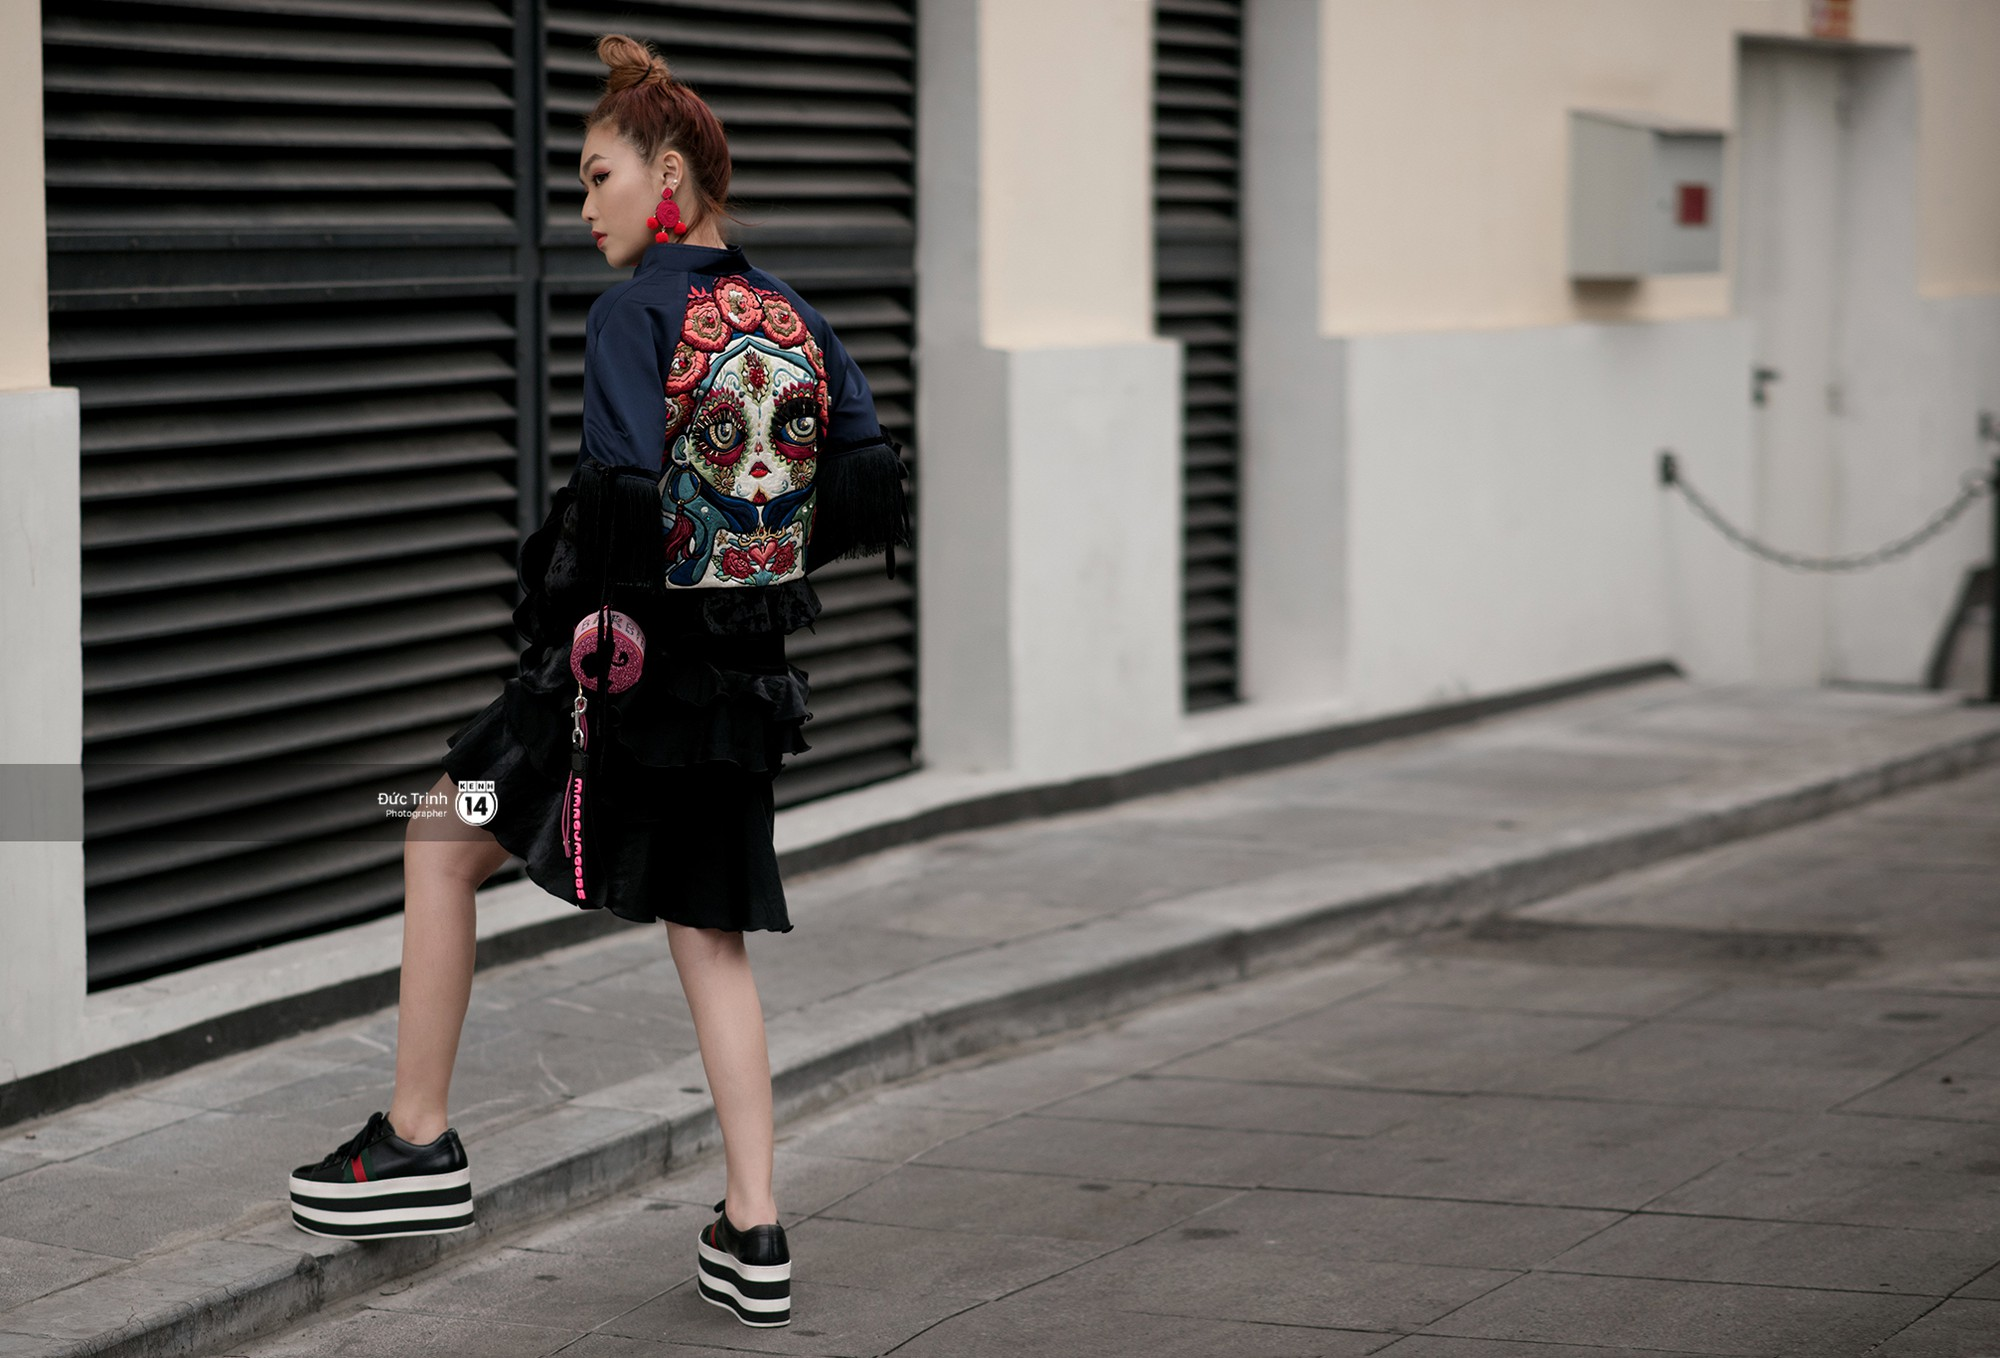 Giới trẻ 2 miền chinh phục loạt hot trend, khoe street style siêu cool và thời thượng - Ảnh 13.